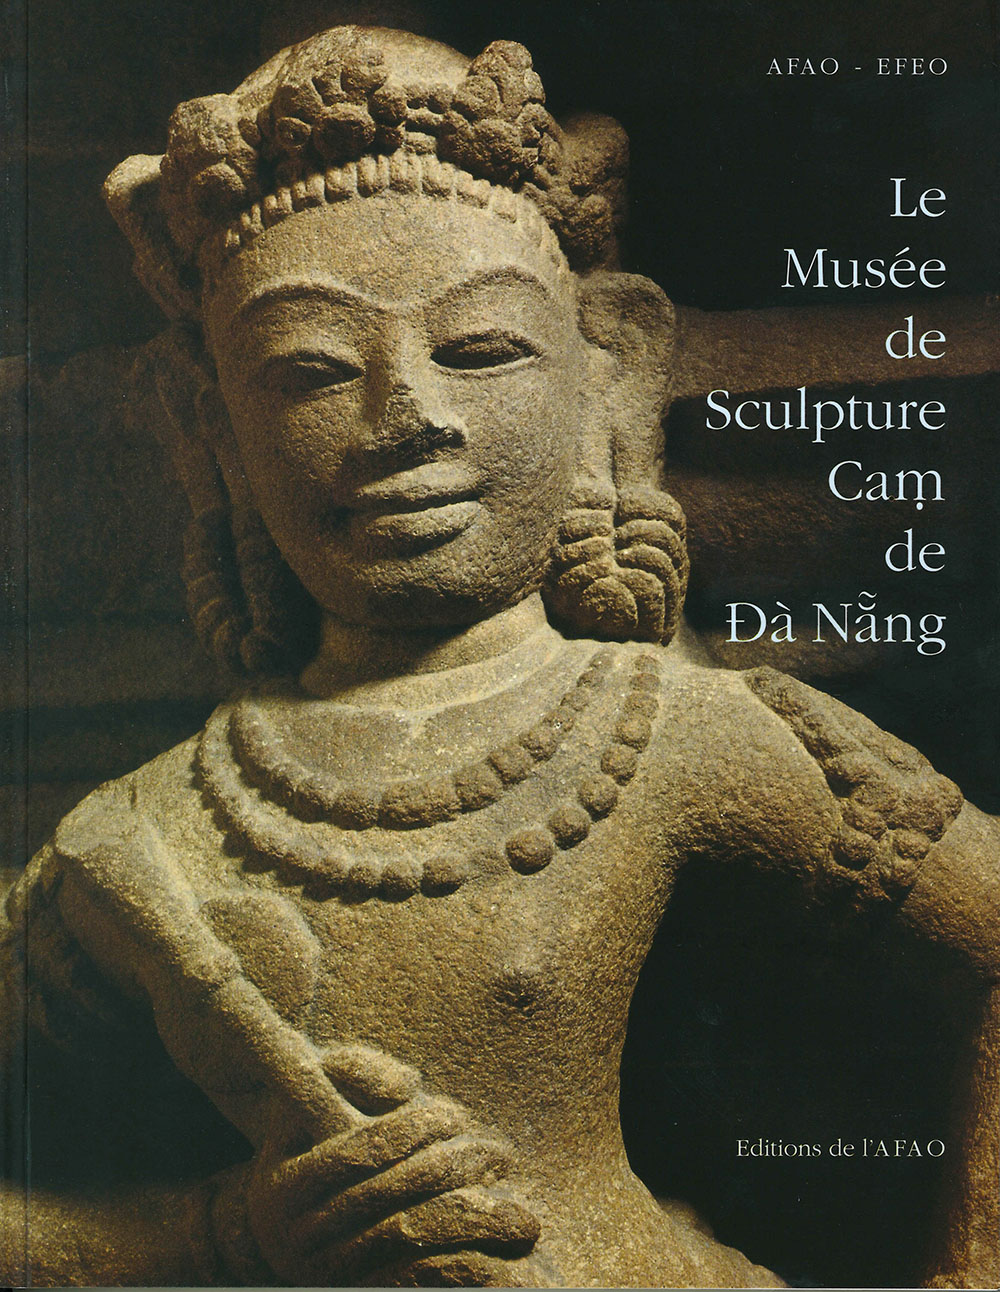 Le Musée de Sculpture Caṃ de Đà Nẵng